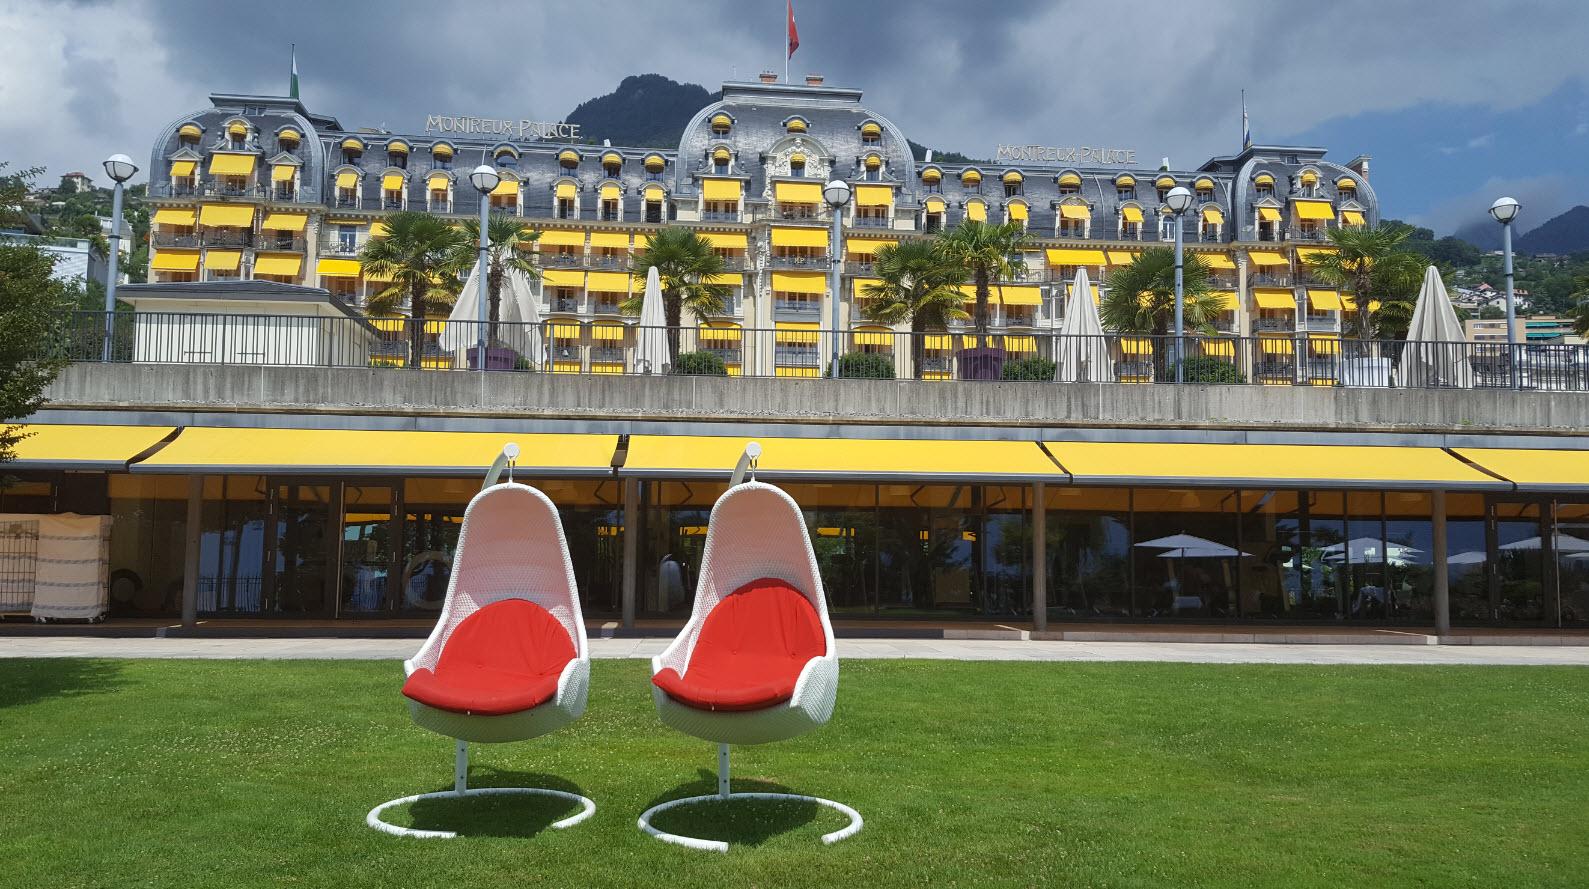 Montreux Palace vu du lac